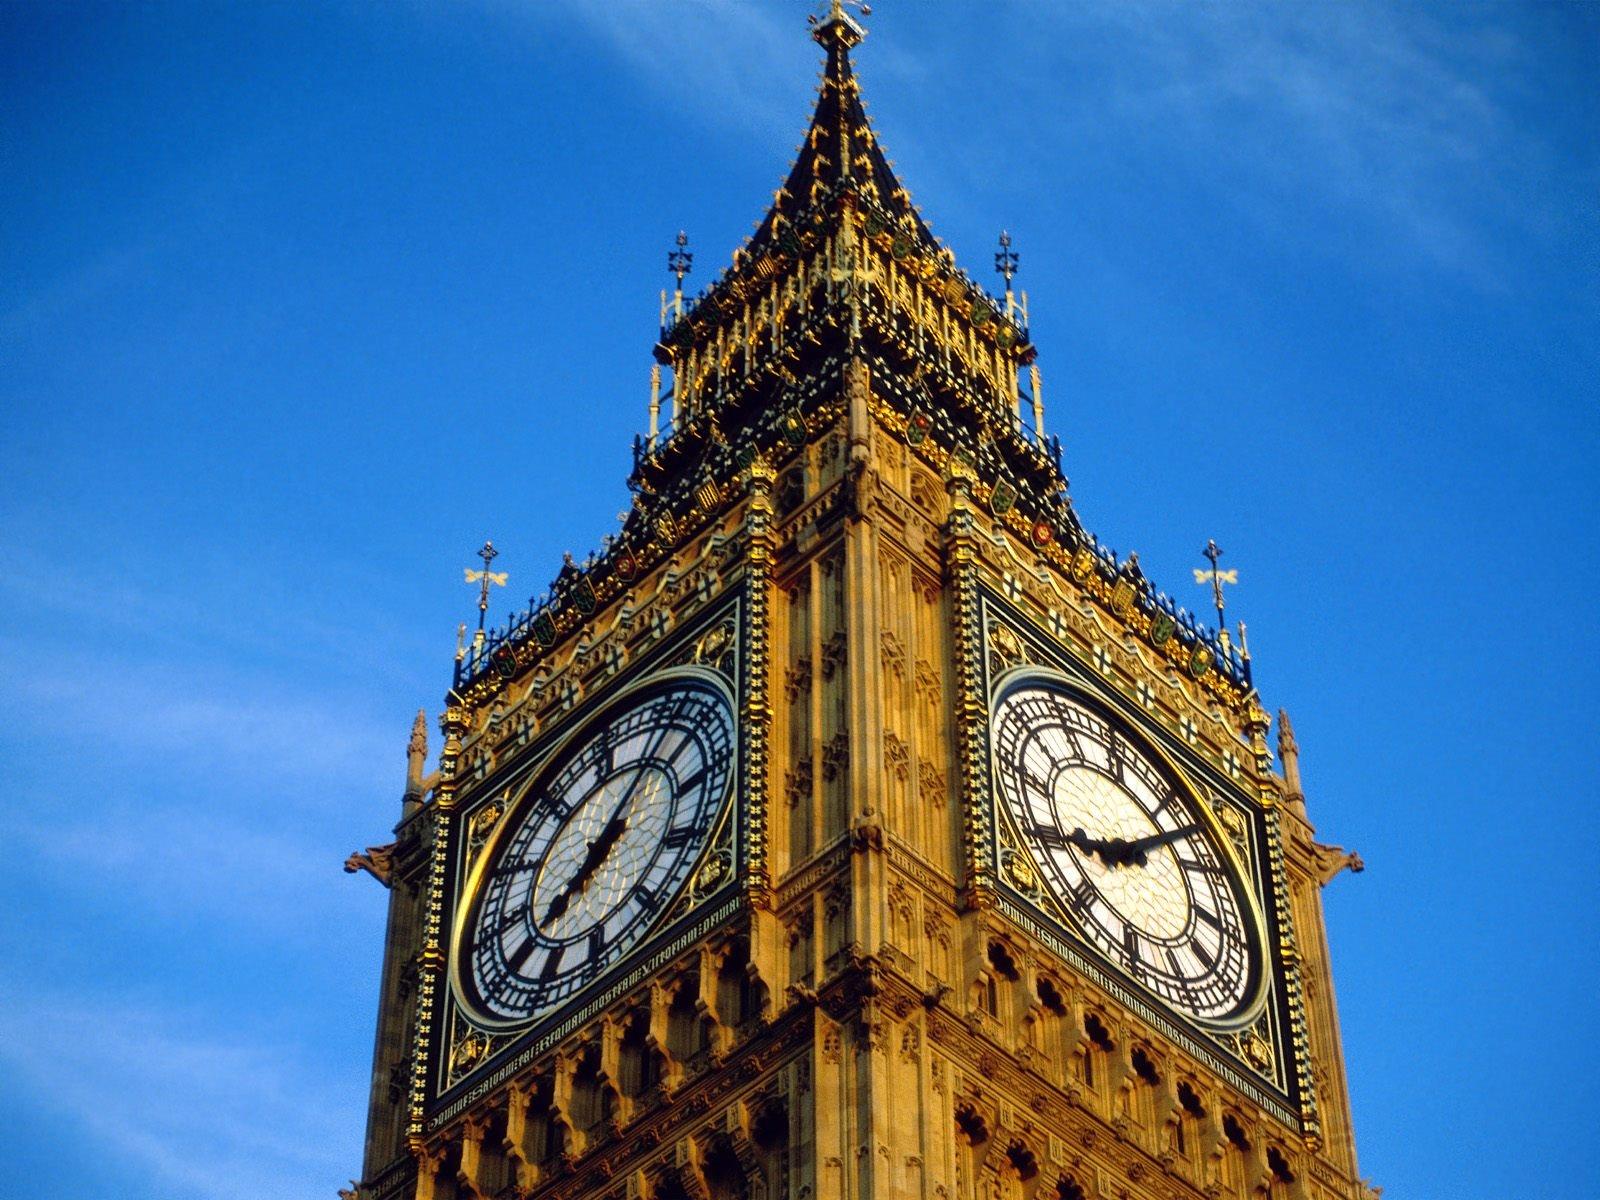 Chiêm ngưỡng 12 tháp đồng hồ đẹp nhất thế giới